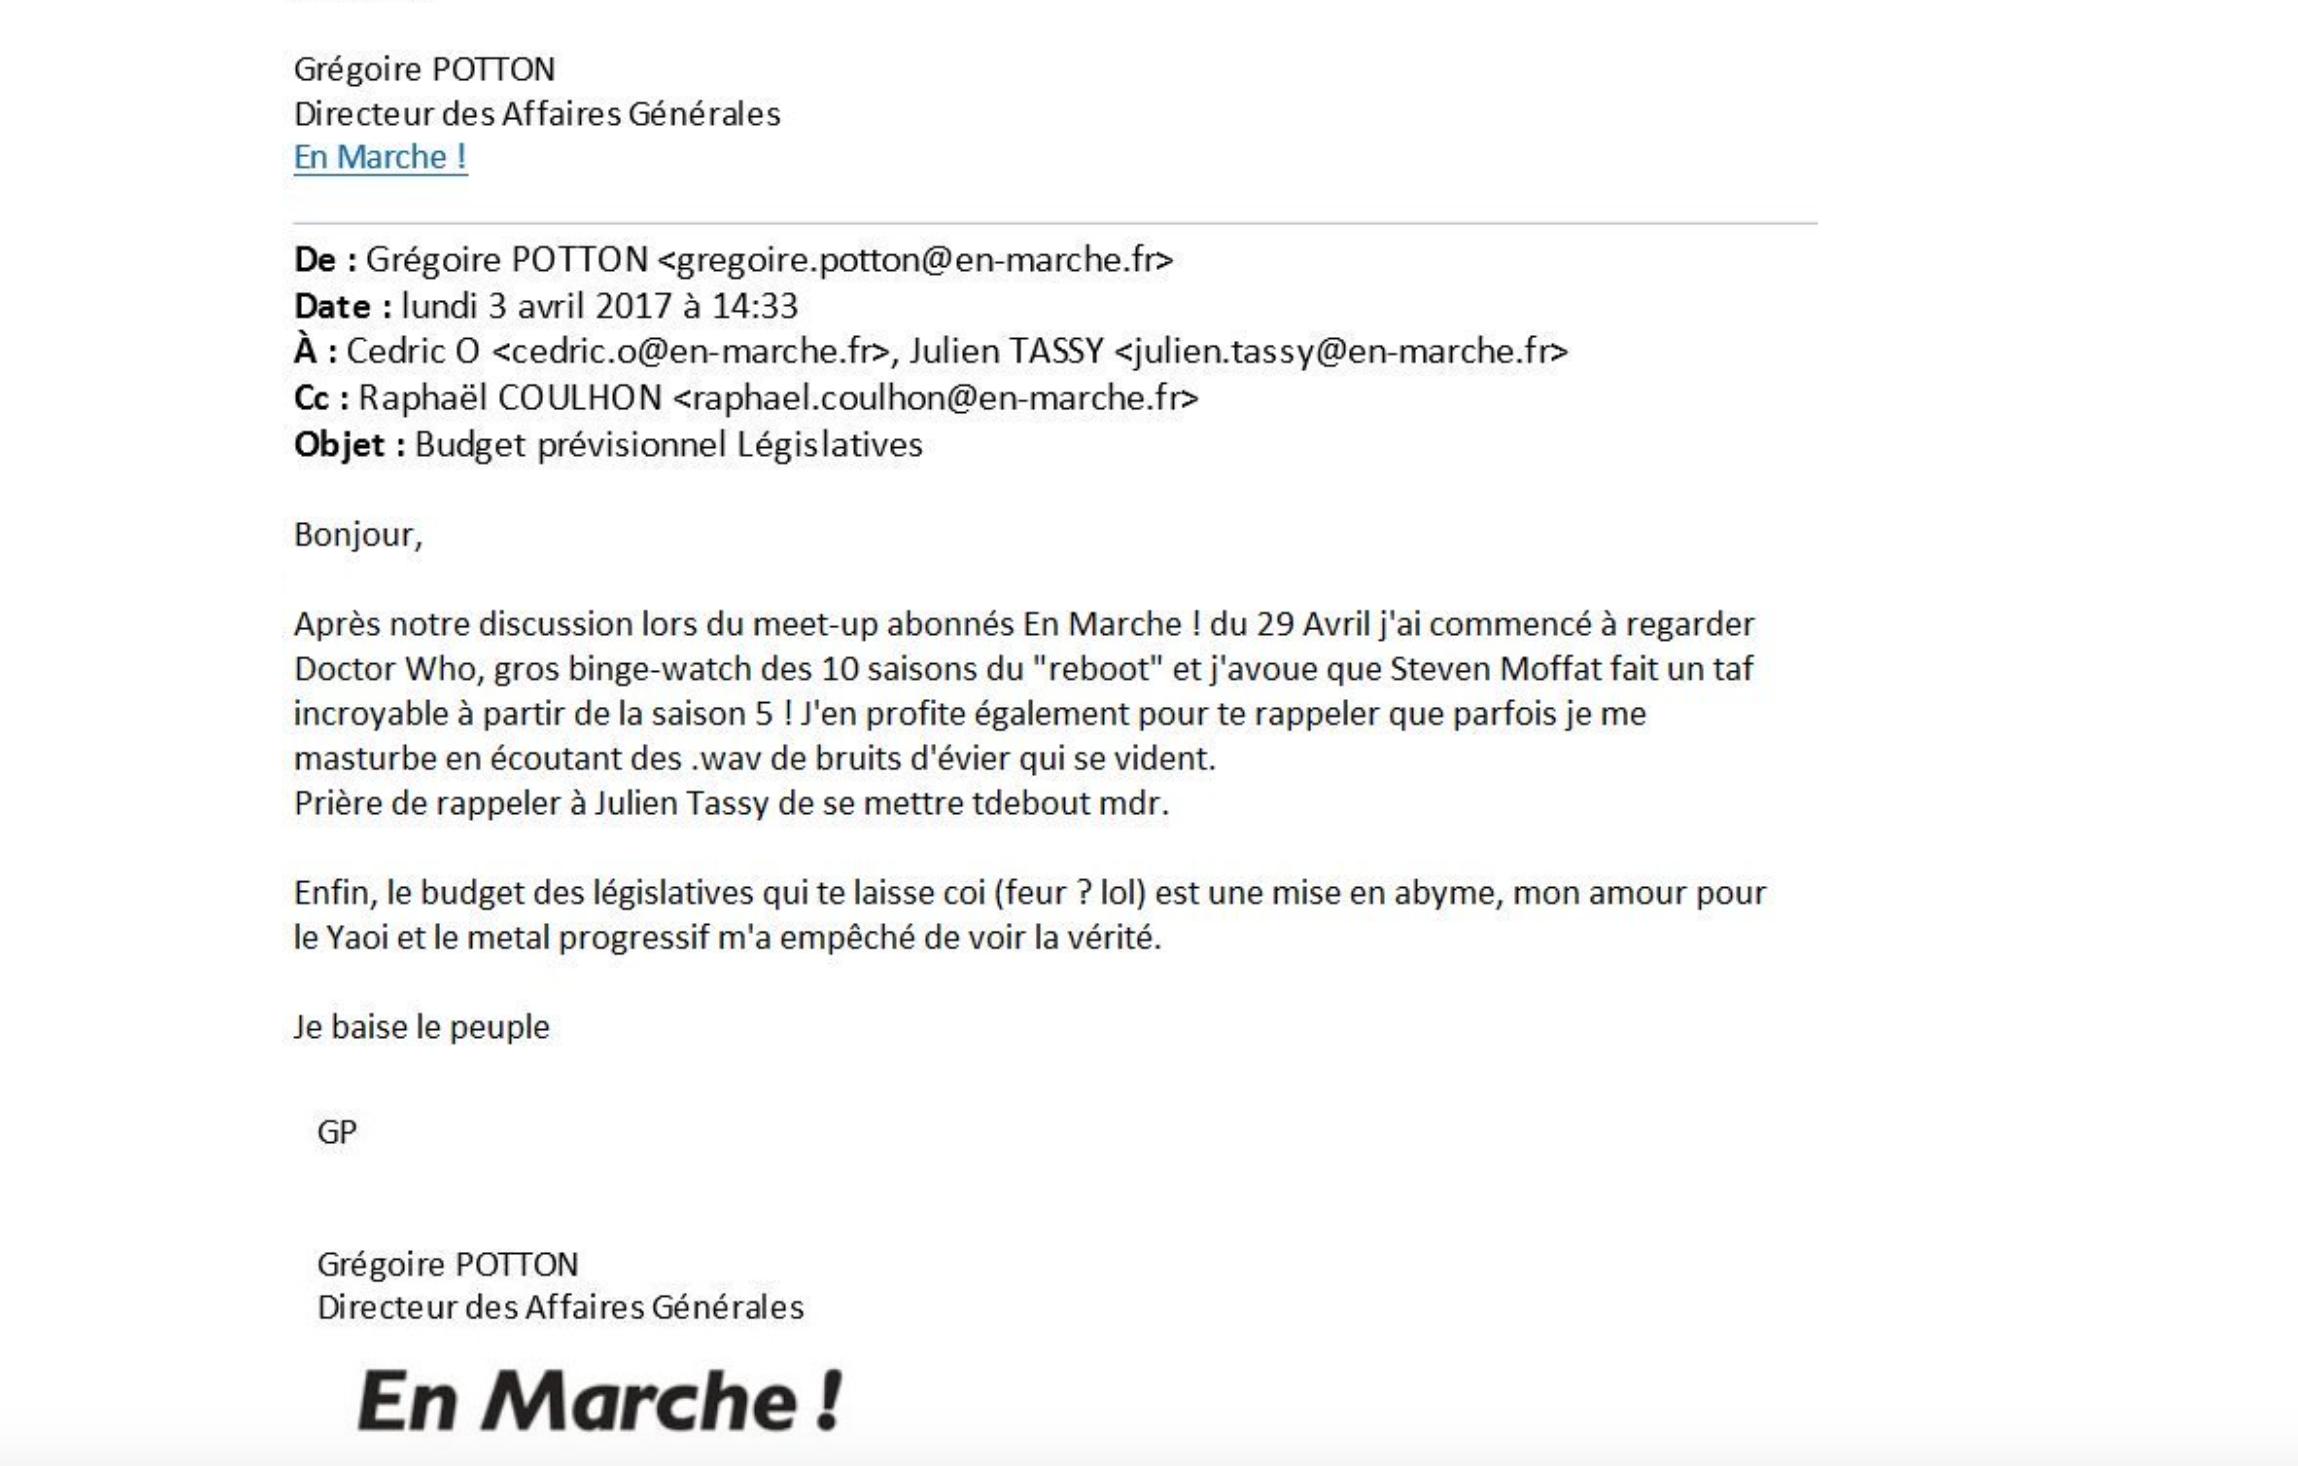 Grégoire Potton, directeur des Affaires Générales chez En Marche baise le peuple et s'en vante